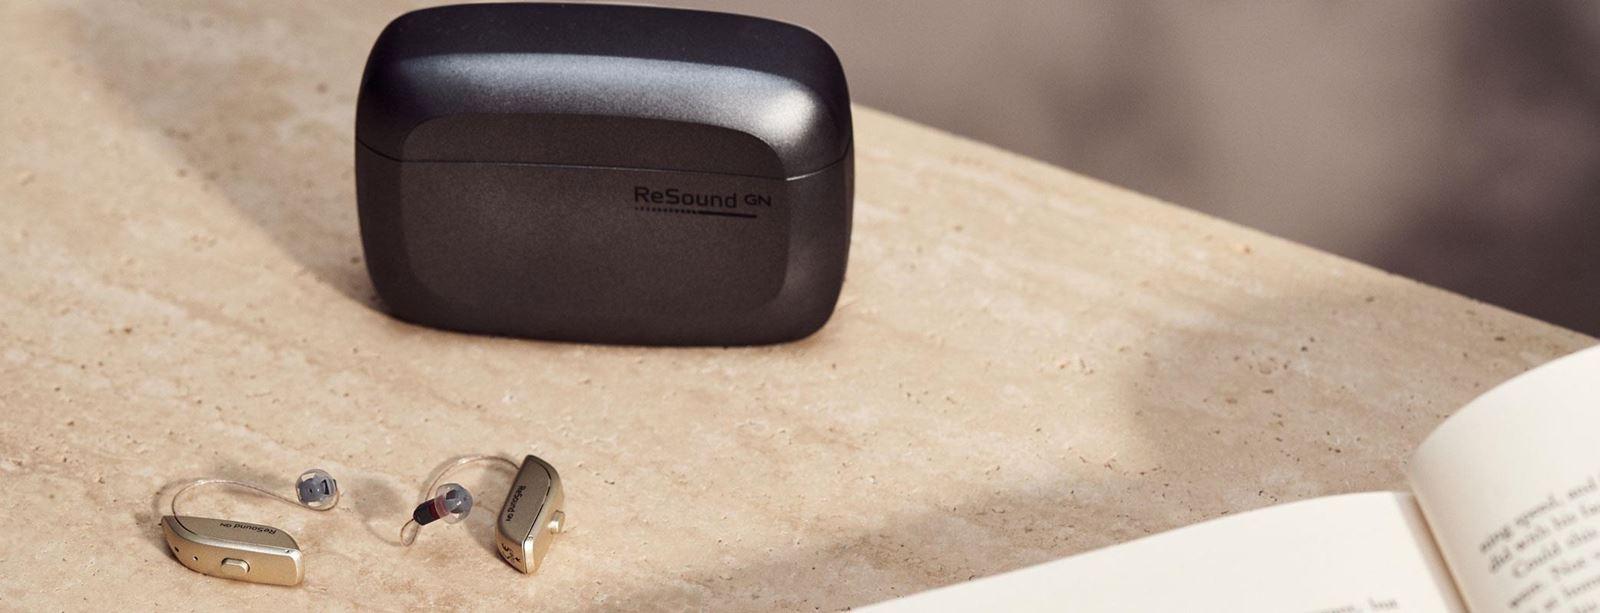 Appareils auditifs et accessoires Smart Hearing